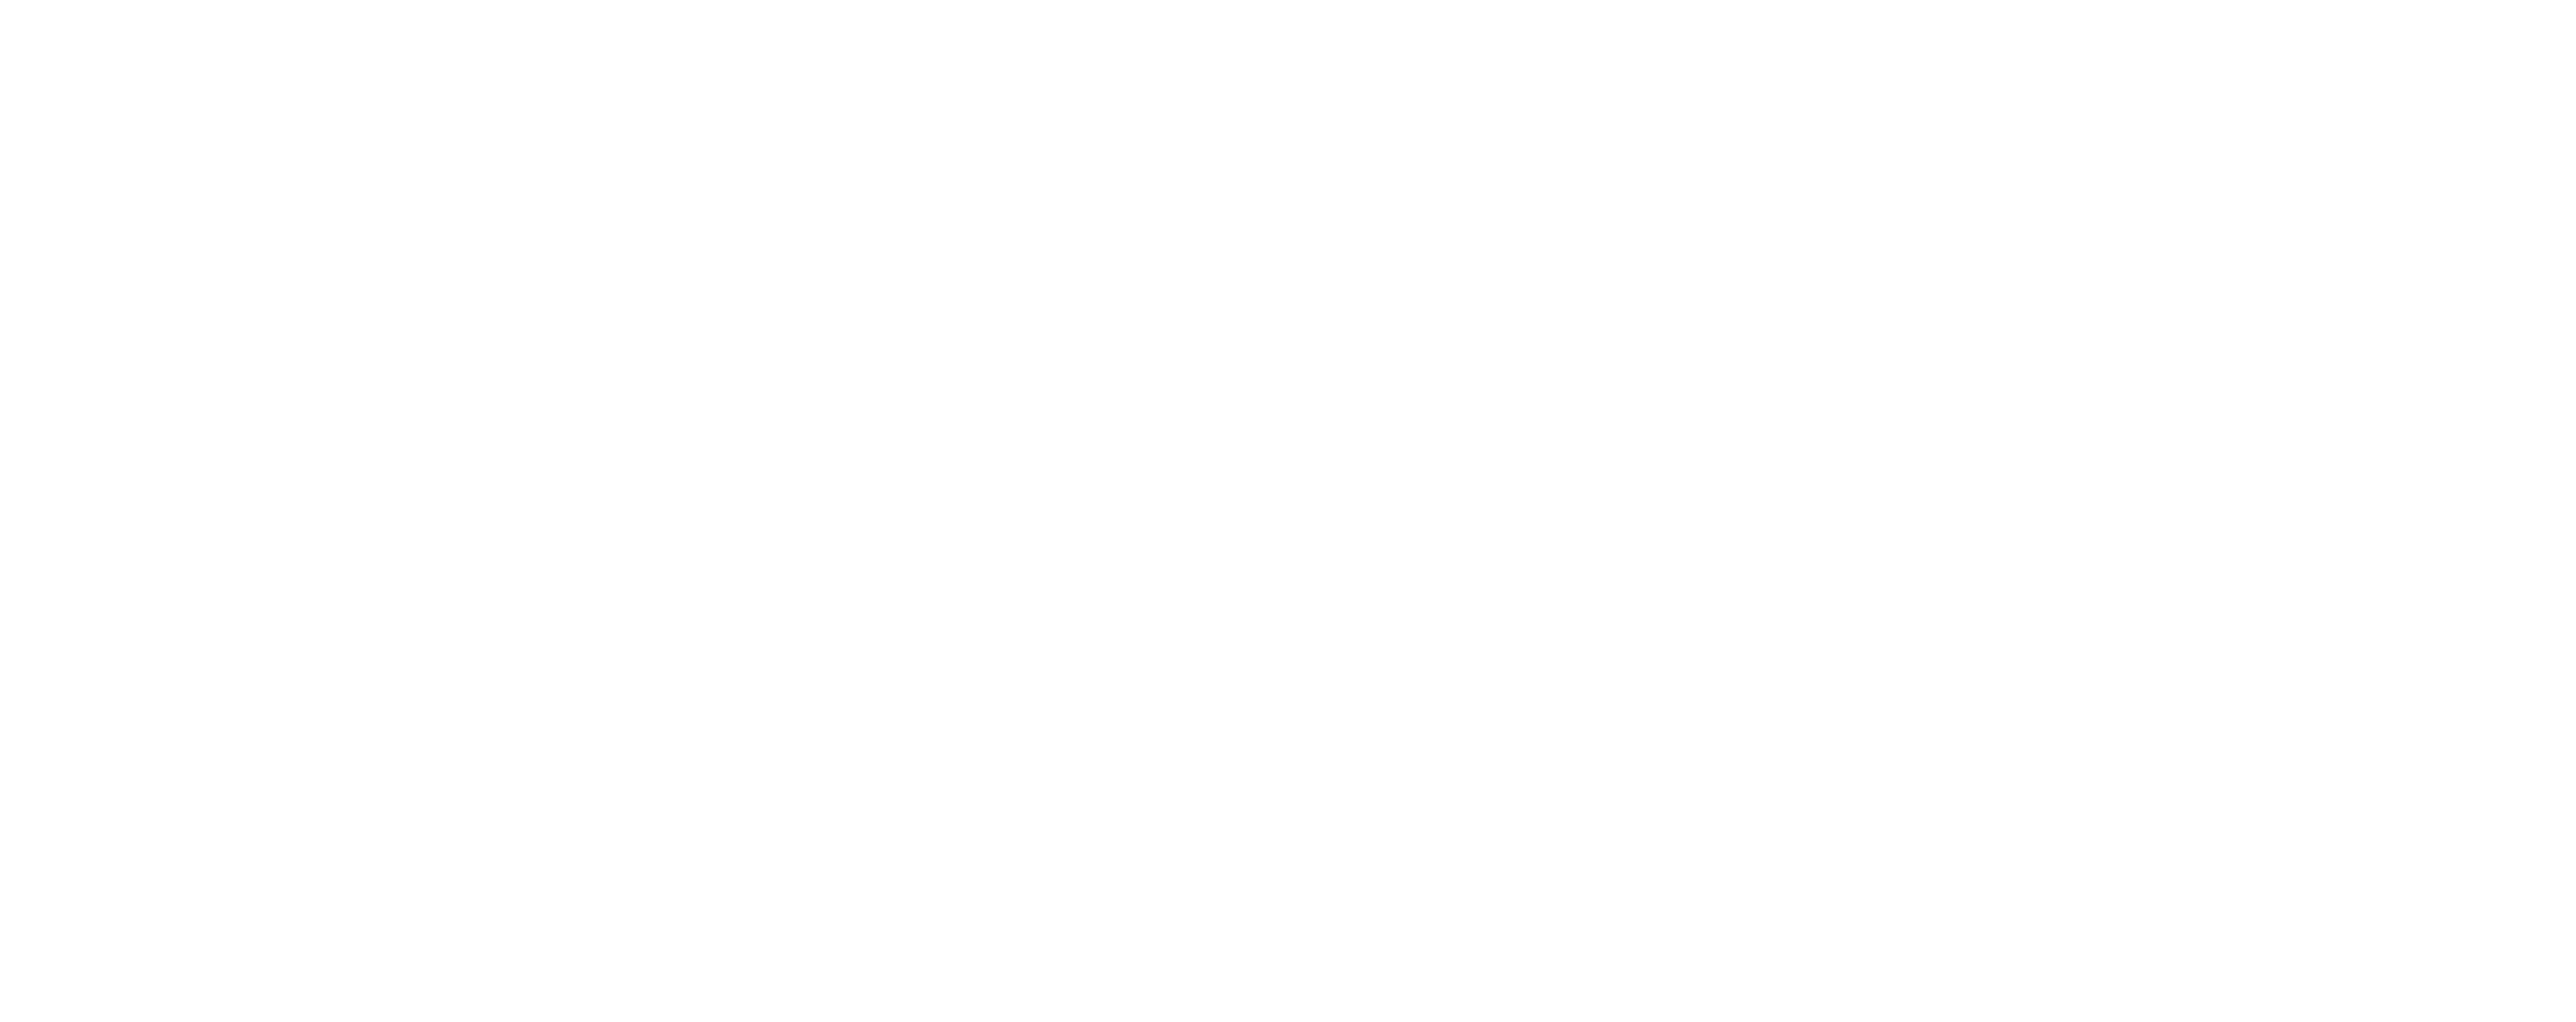 SCCU Group